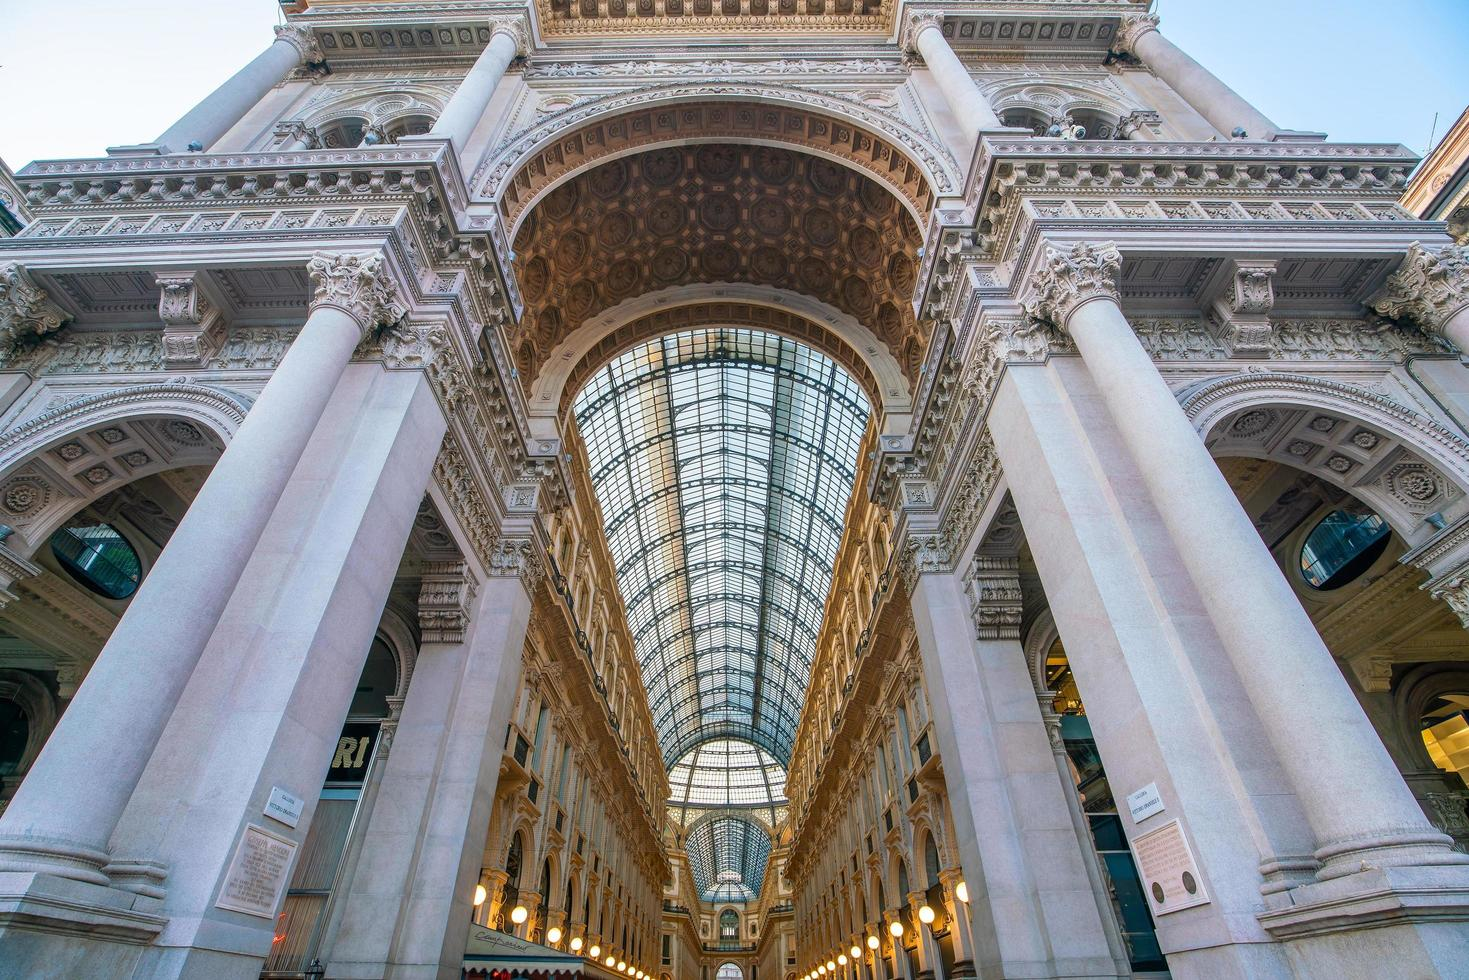 galleria vittorio emanuele ii är ett av de mest populära shoppingområdena i Milano foto